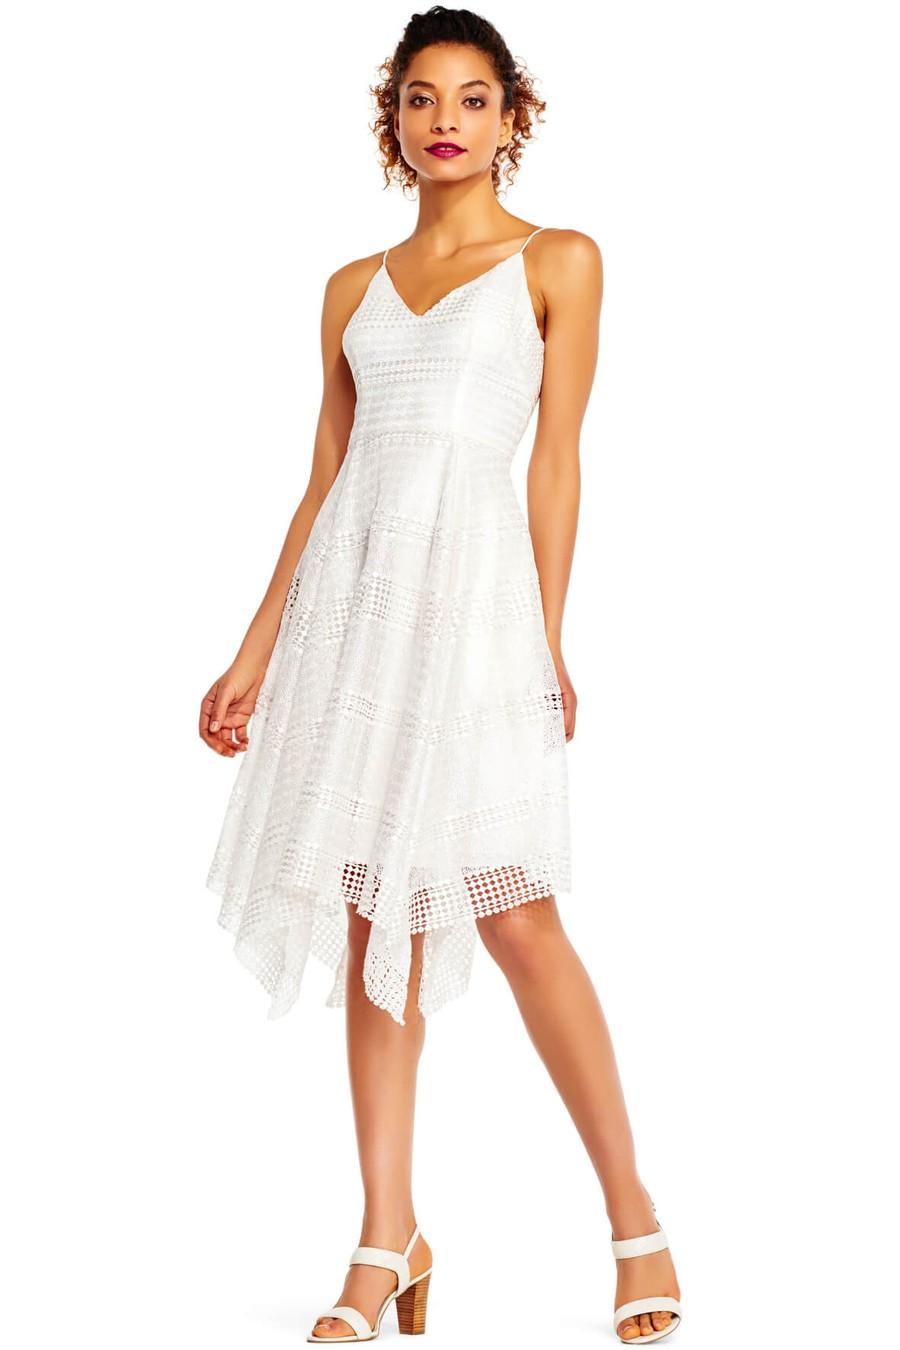 adrianna-papell-handkerchief-skirt-dress-4